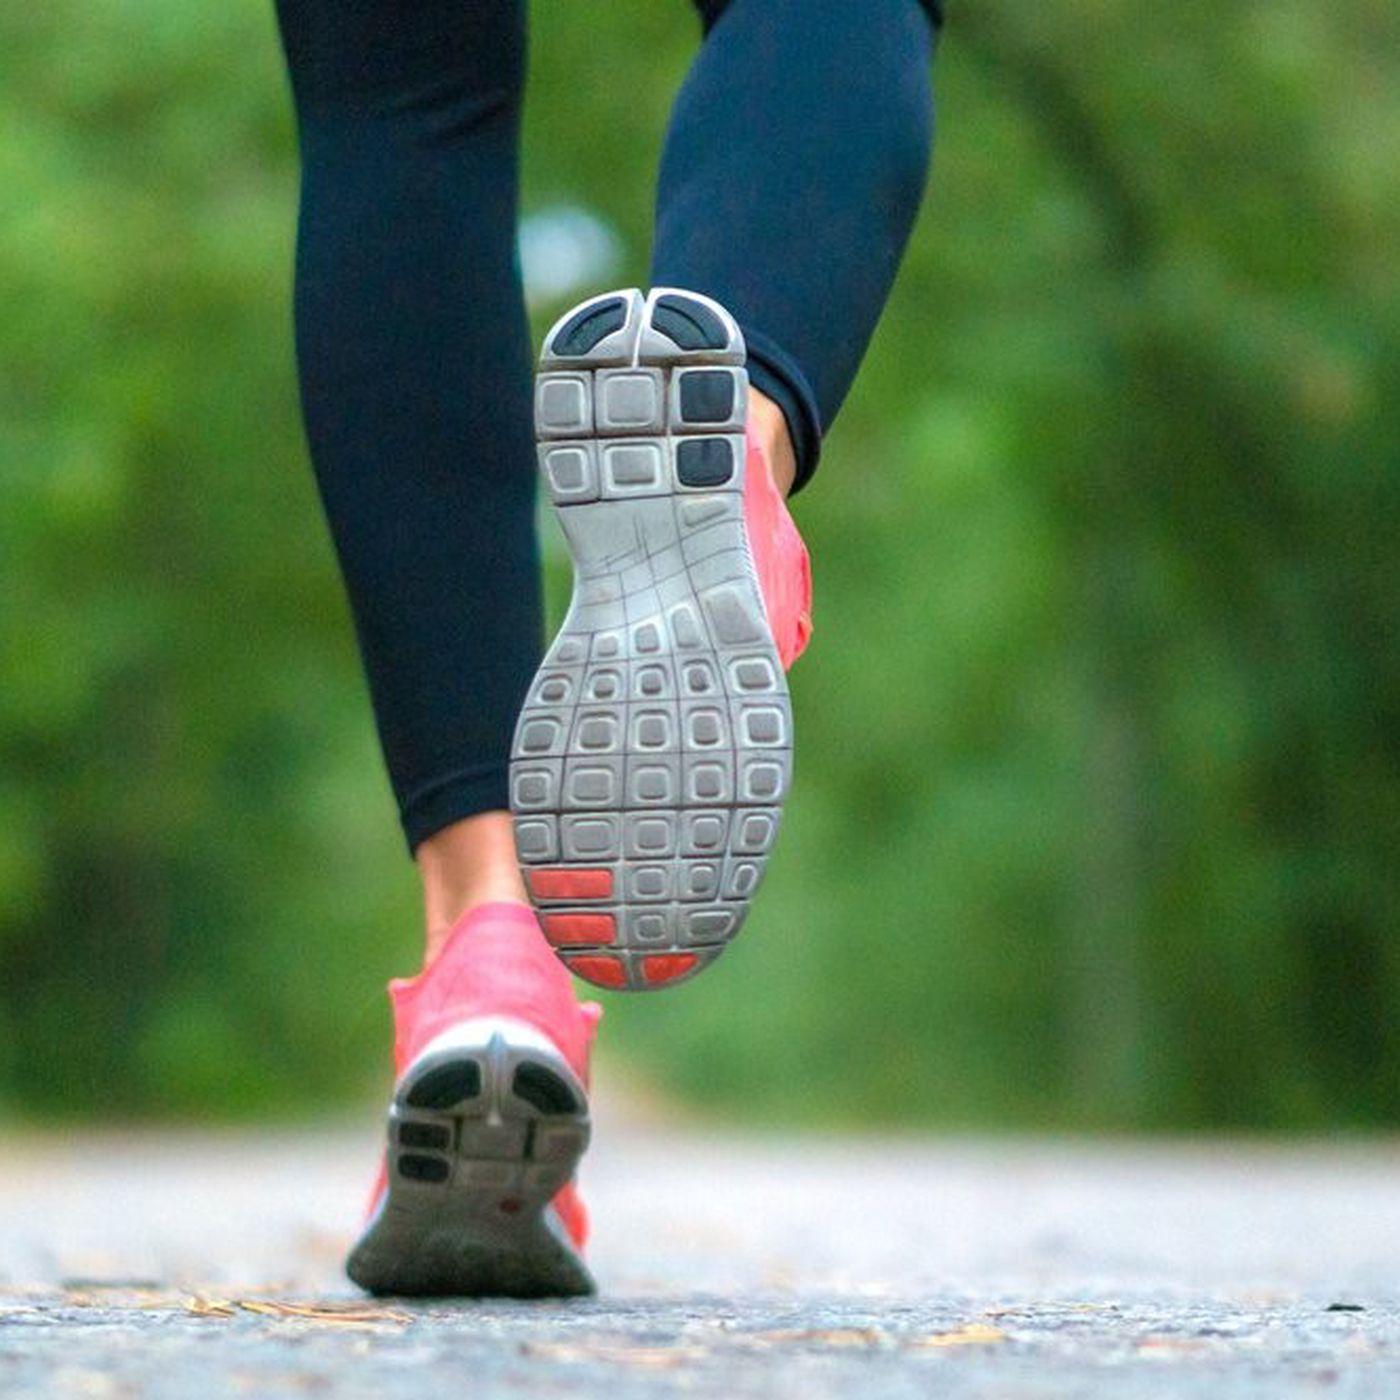 Spor Yapmanın, DNA'nızı Değiştirerek Sağlığınızı İyileştirme Mekanizması İlk Kez Tespit Edildi!